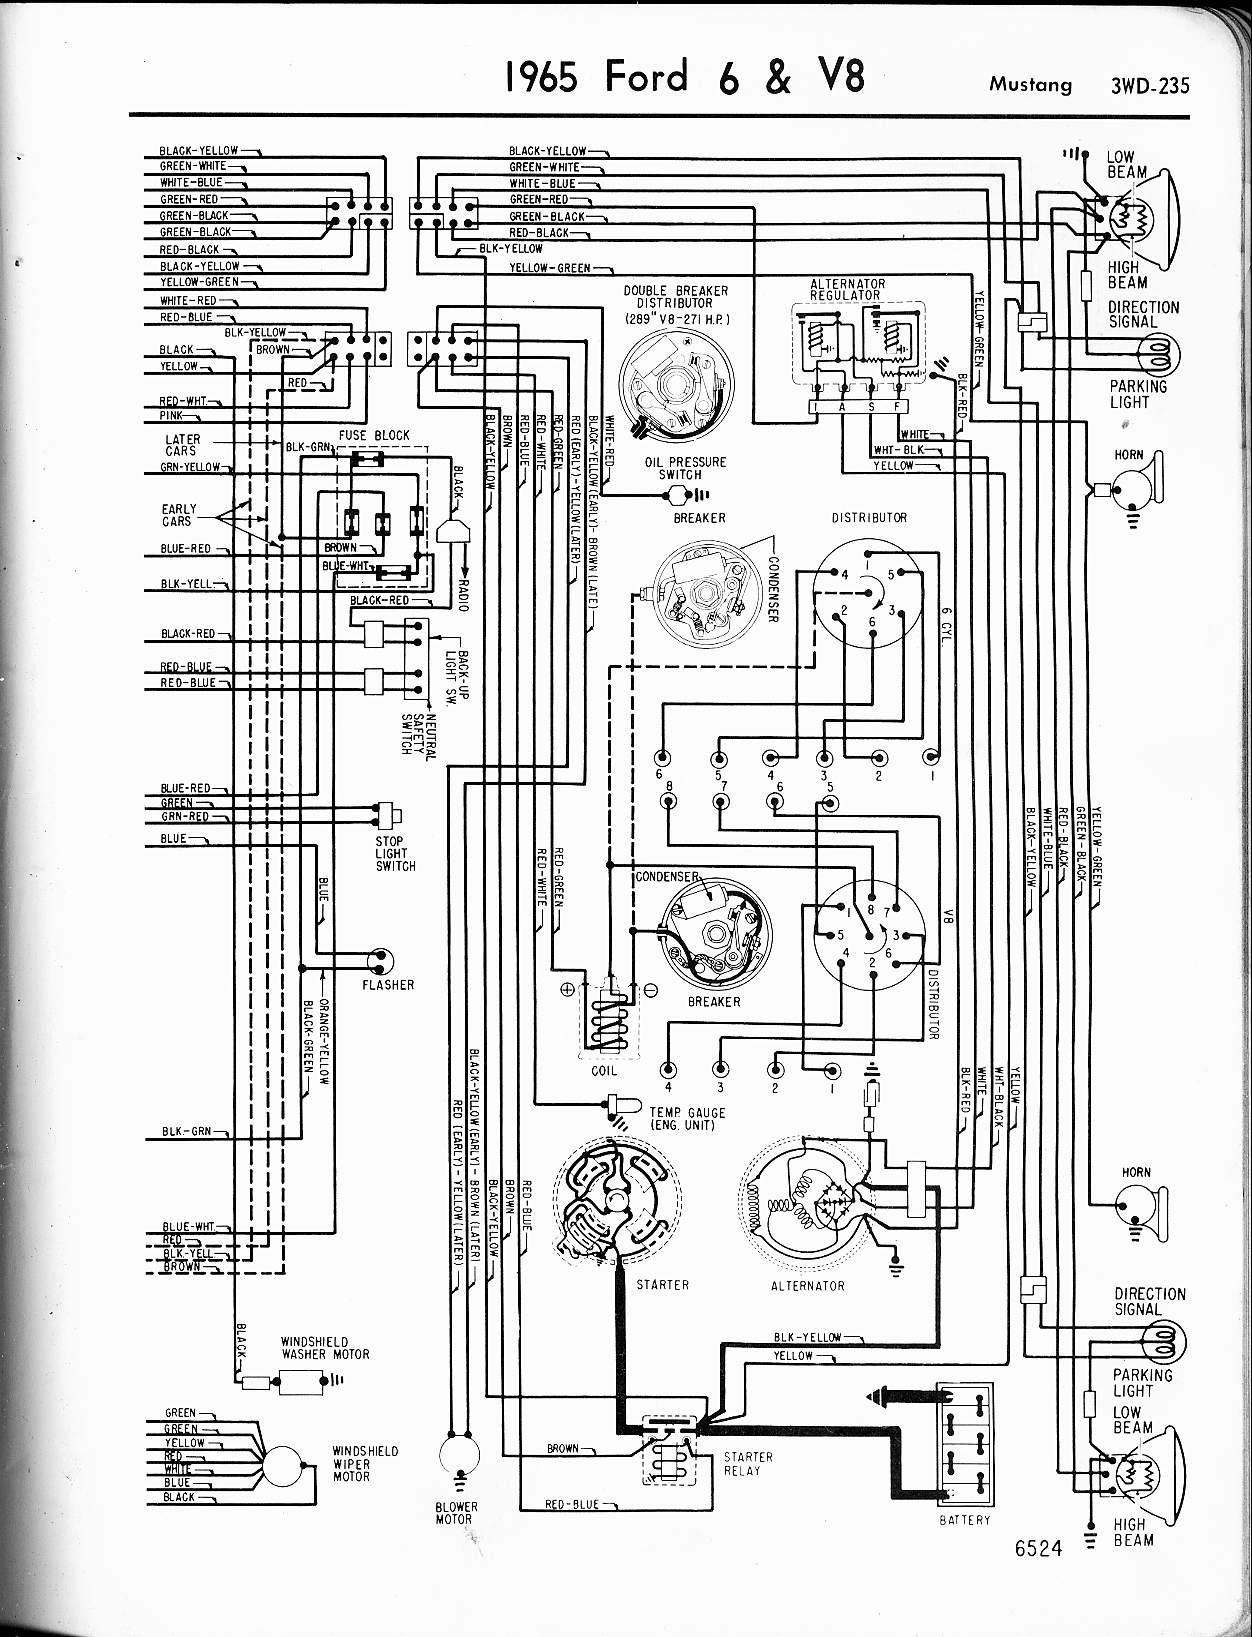 Ford F Wiring Diagrams Merzienet - 1959 ford f100 wiring diagram